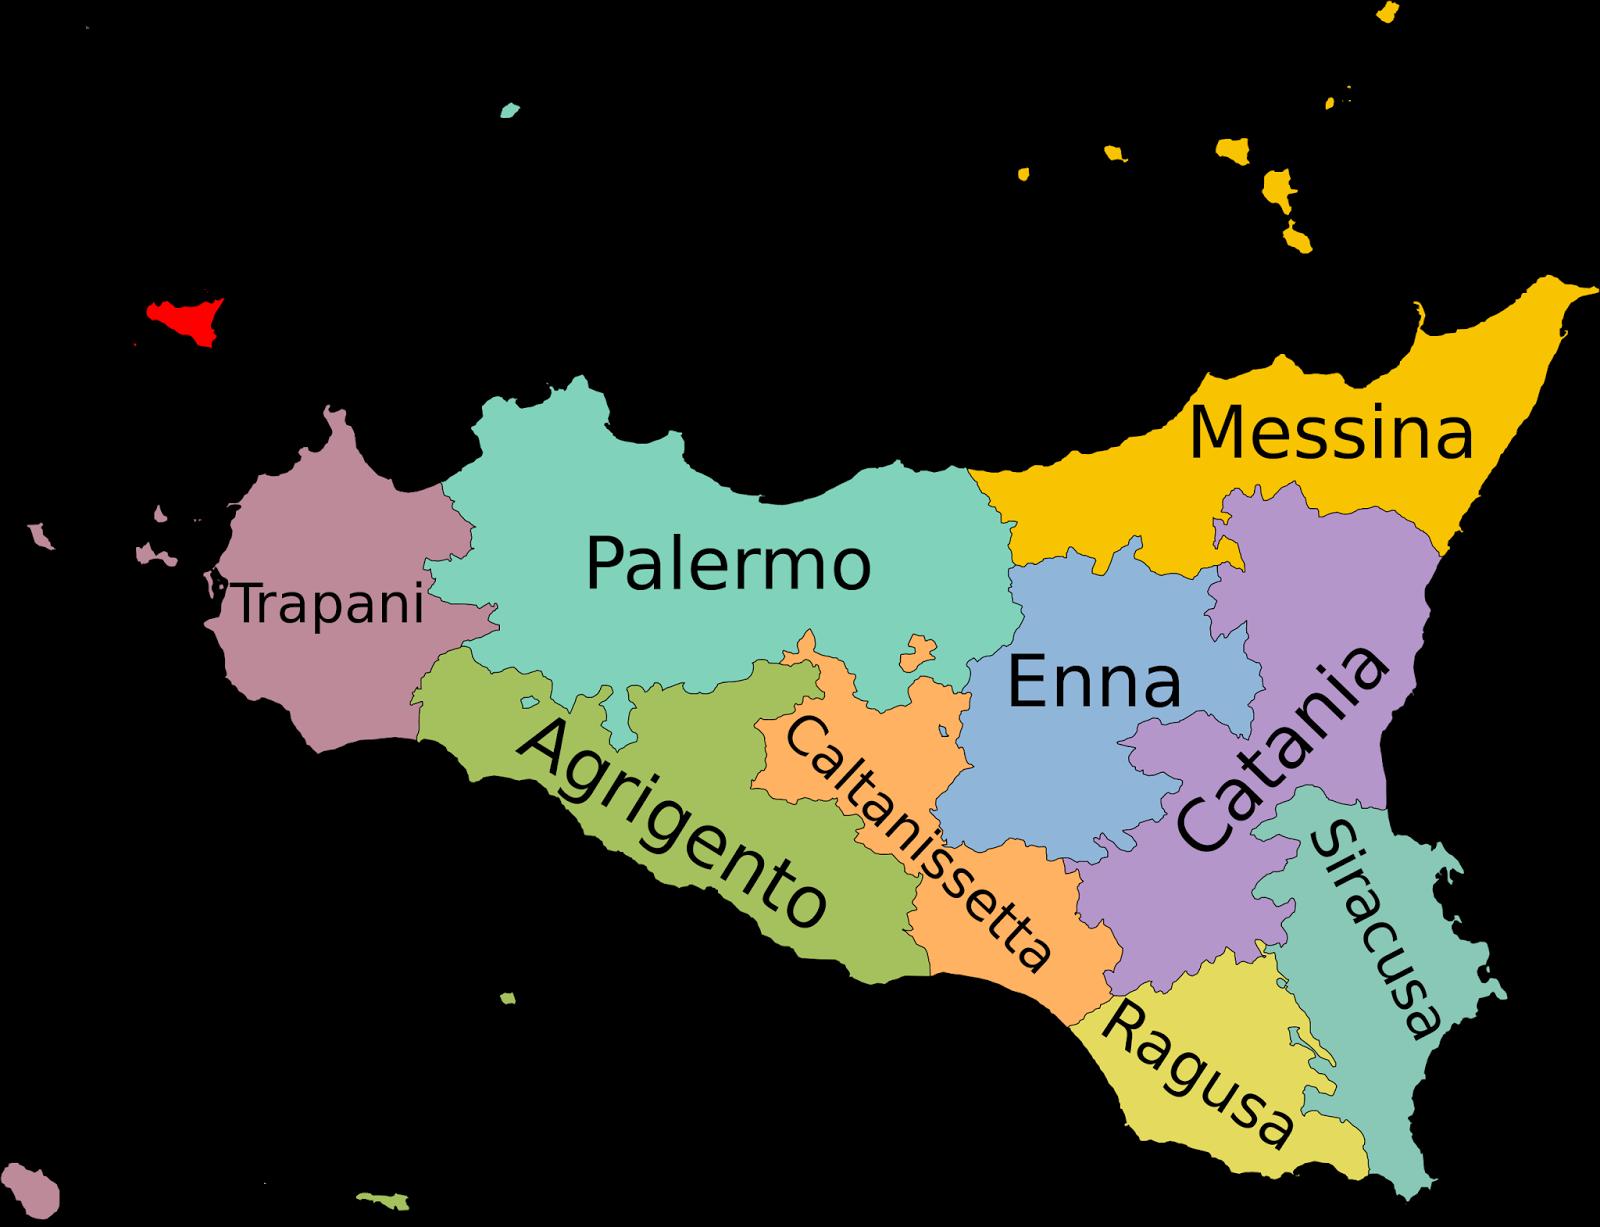 Le 'trombature' di Orlando, Bianco e Accorinti a sindaci metropolitani di Palermo, Catania e Messina: cosa c'è sotto?